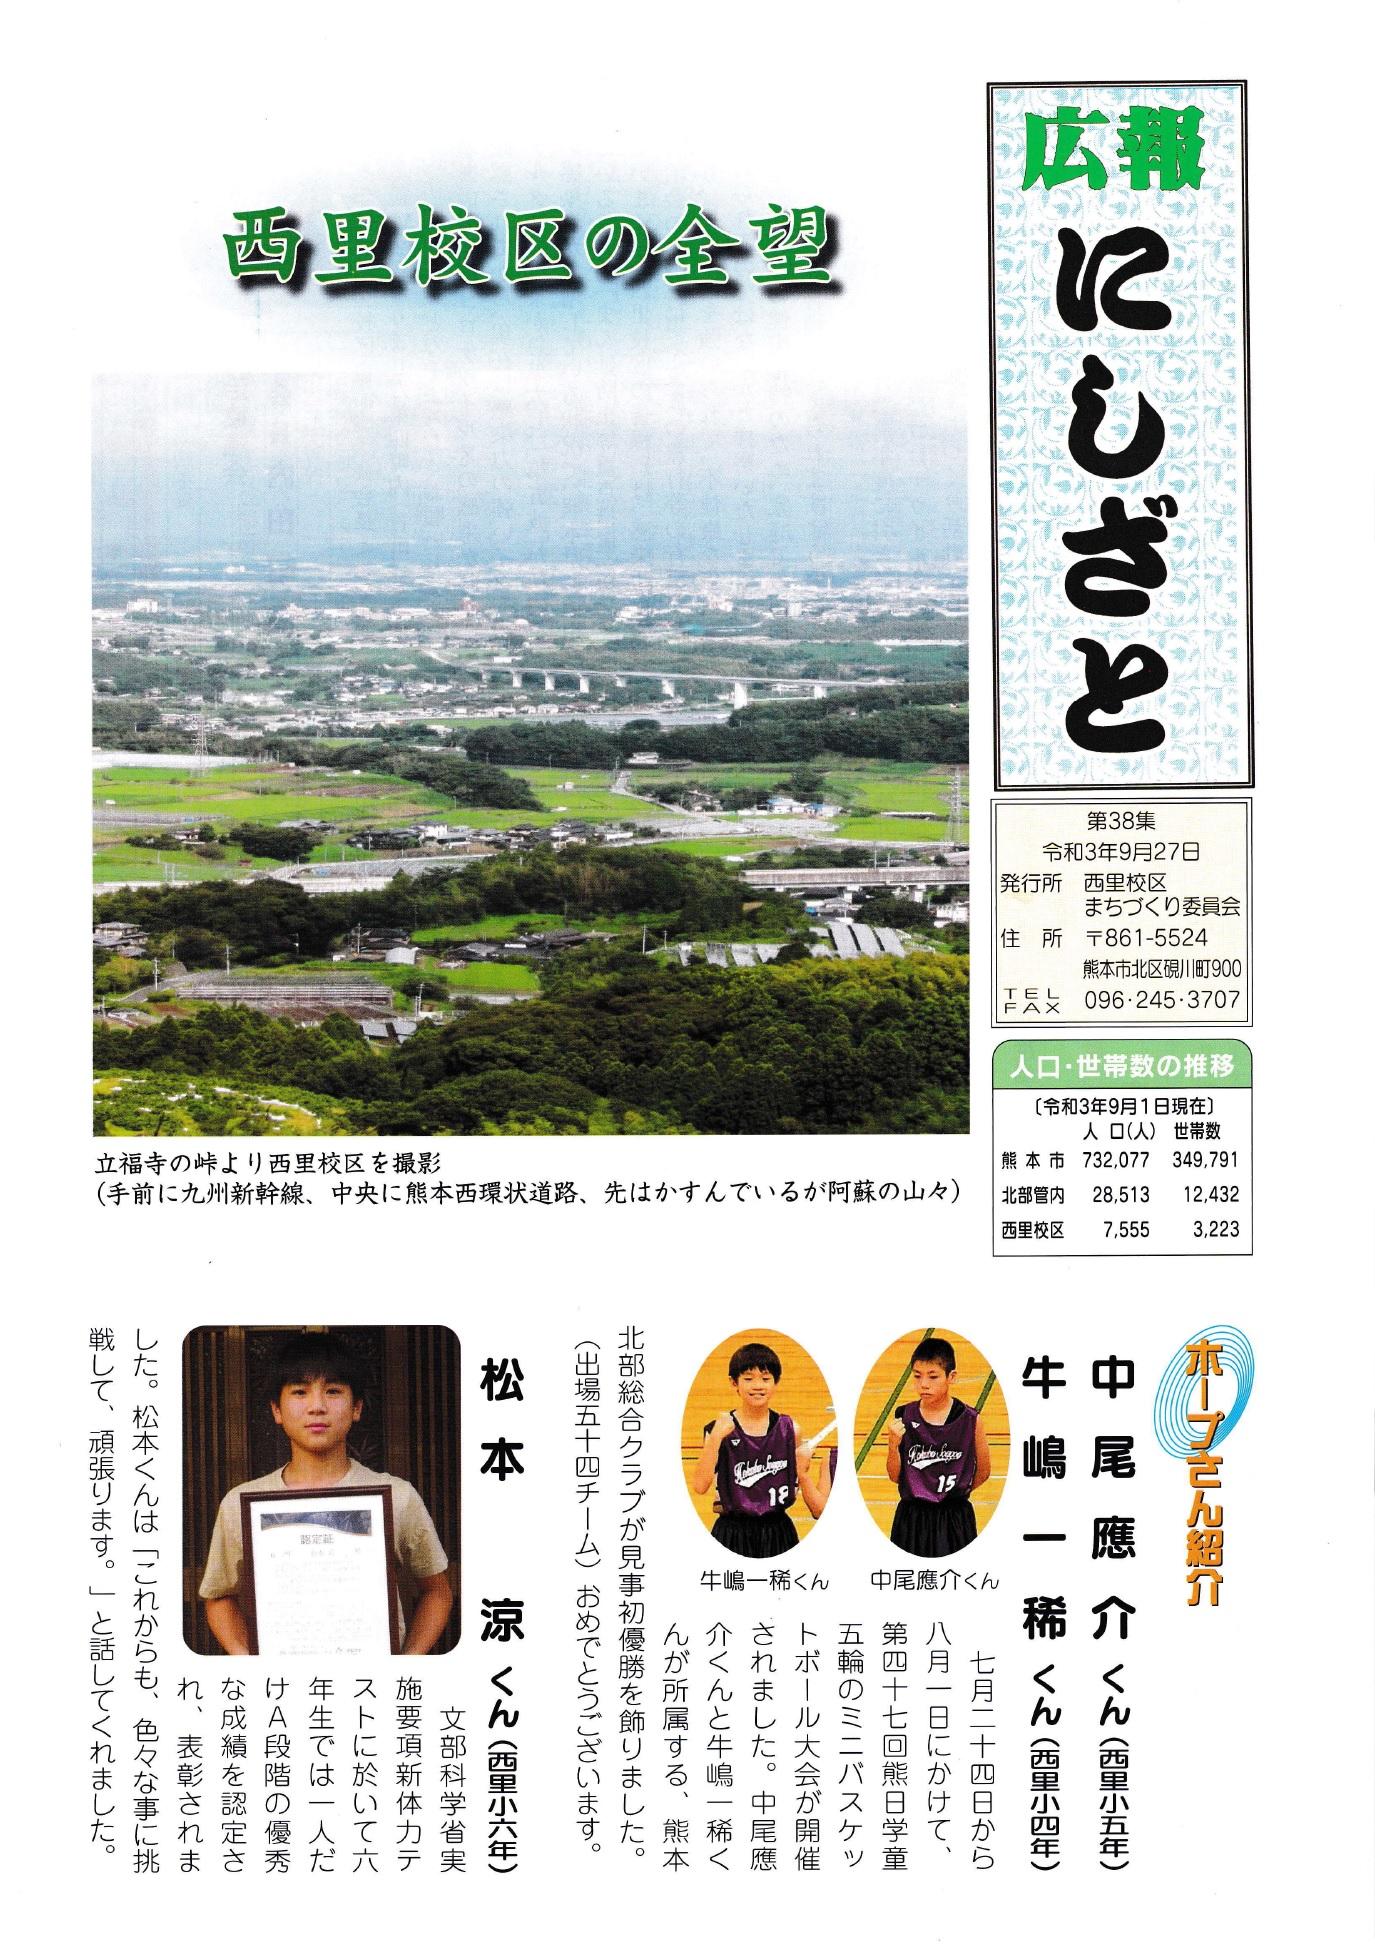 広報にしざと(令和3年9月27日発行)